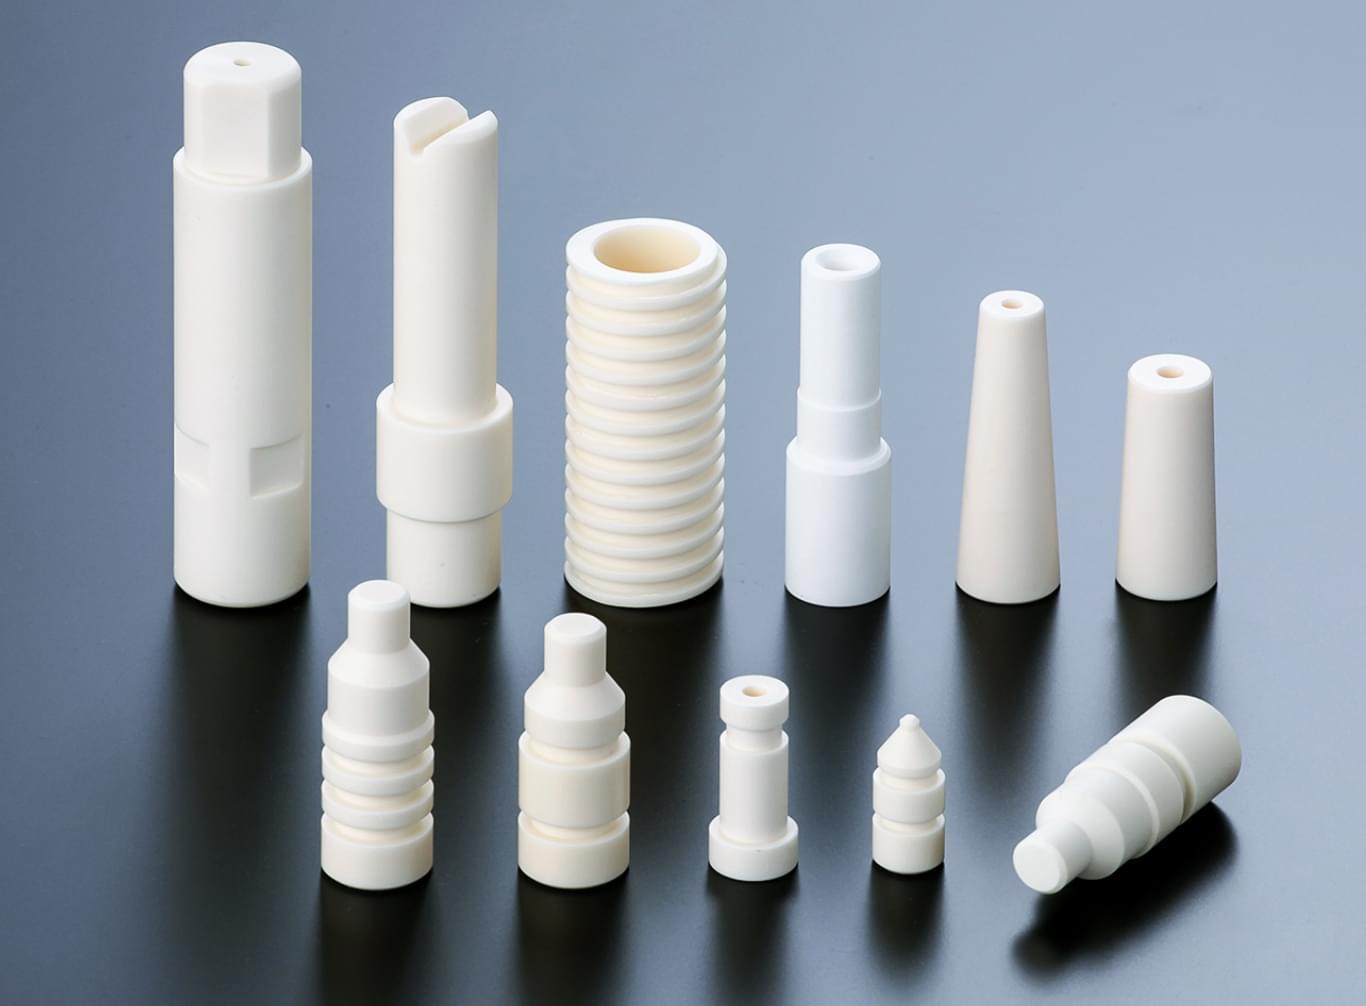 ニイミ産業が製造販売するセラミック製品